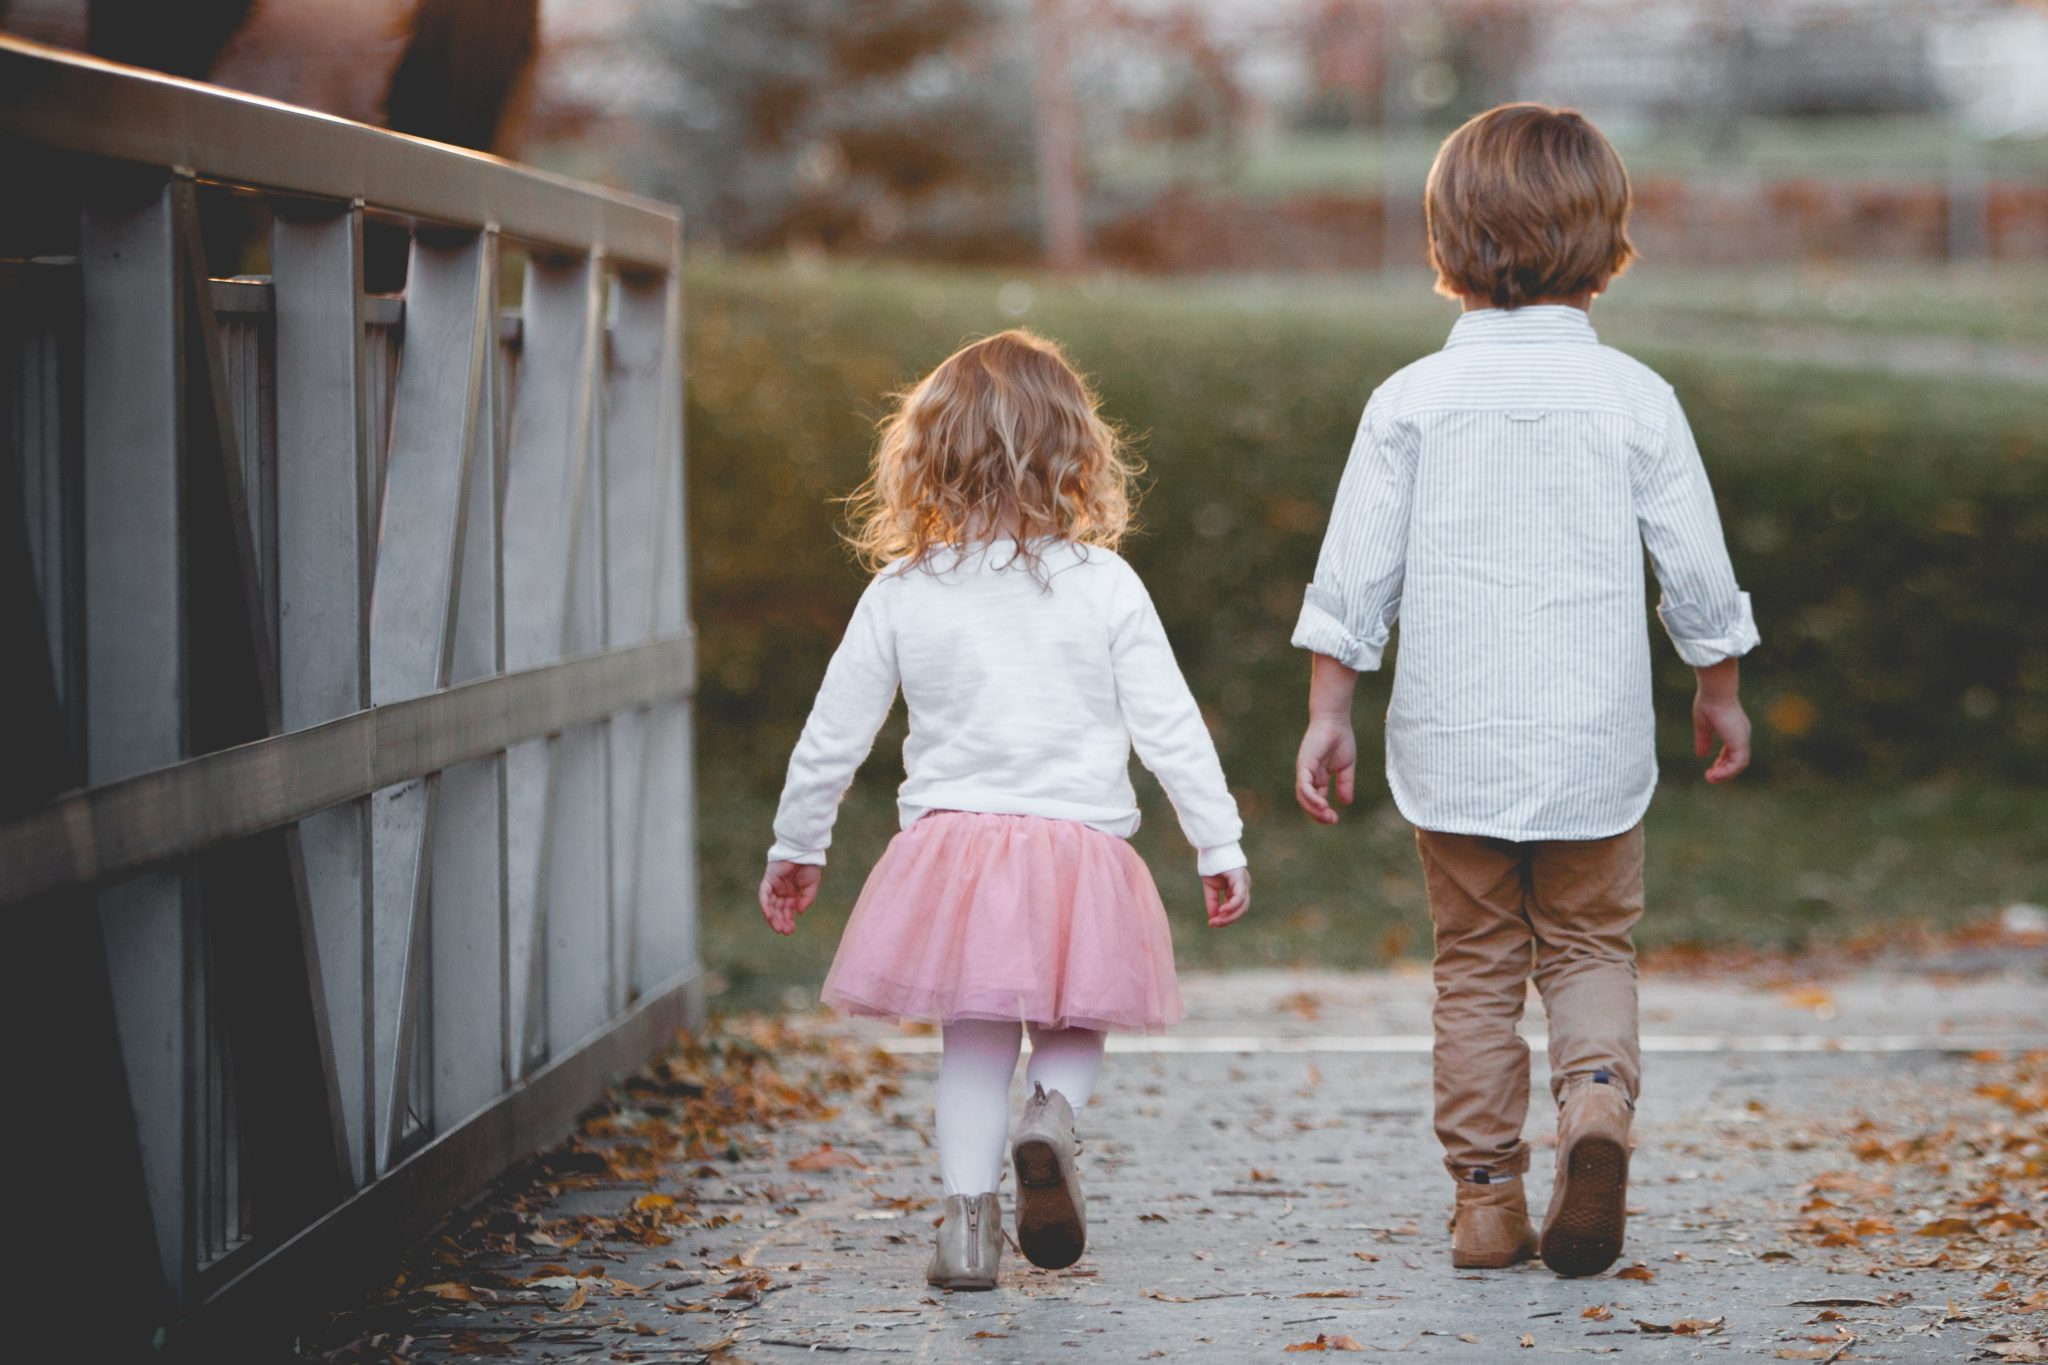 dzieci, miłość, wychowanie dzieci, wychowanie, związki, relacje, partnerstwo, szczęście, radość